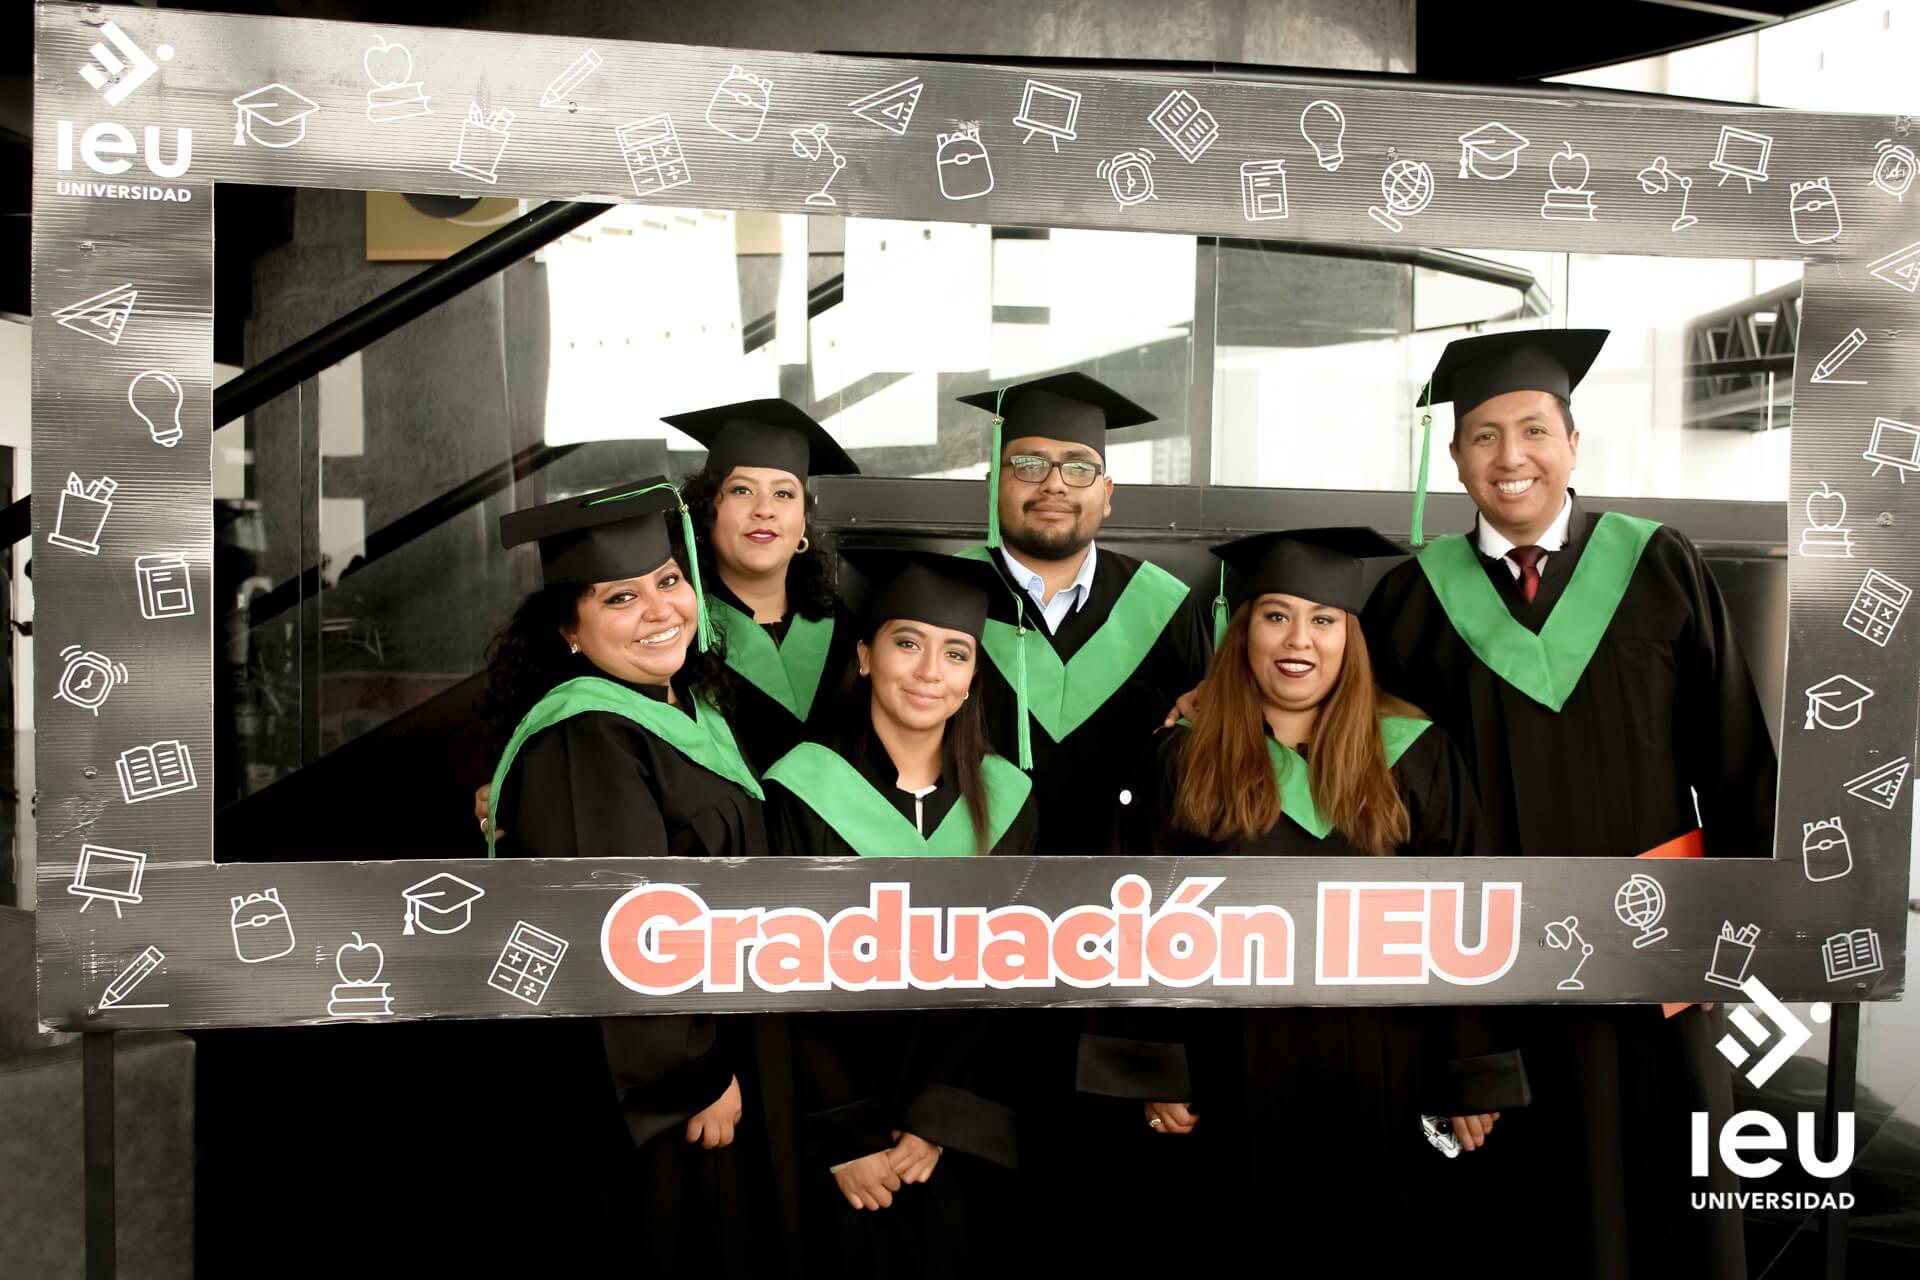 Universidad Ieu Graduacion 2019 3